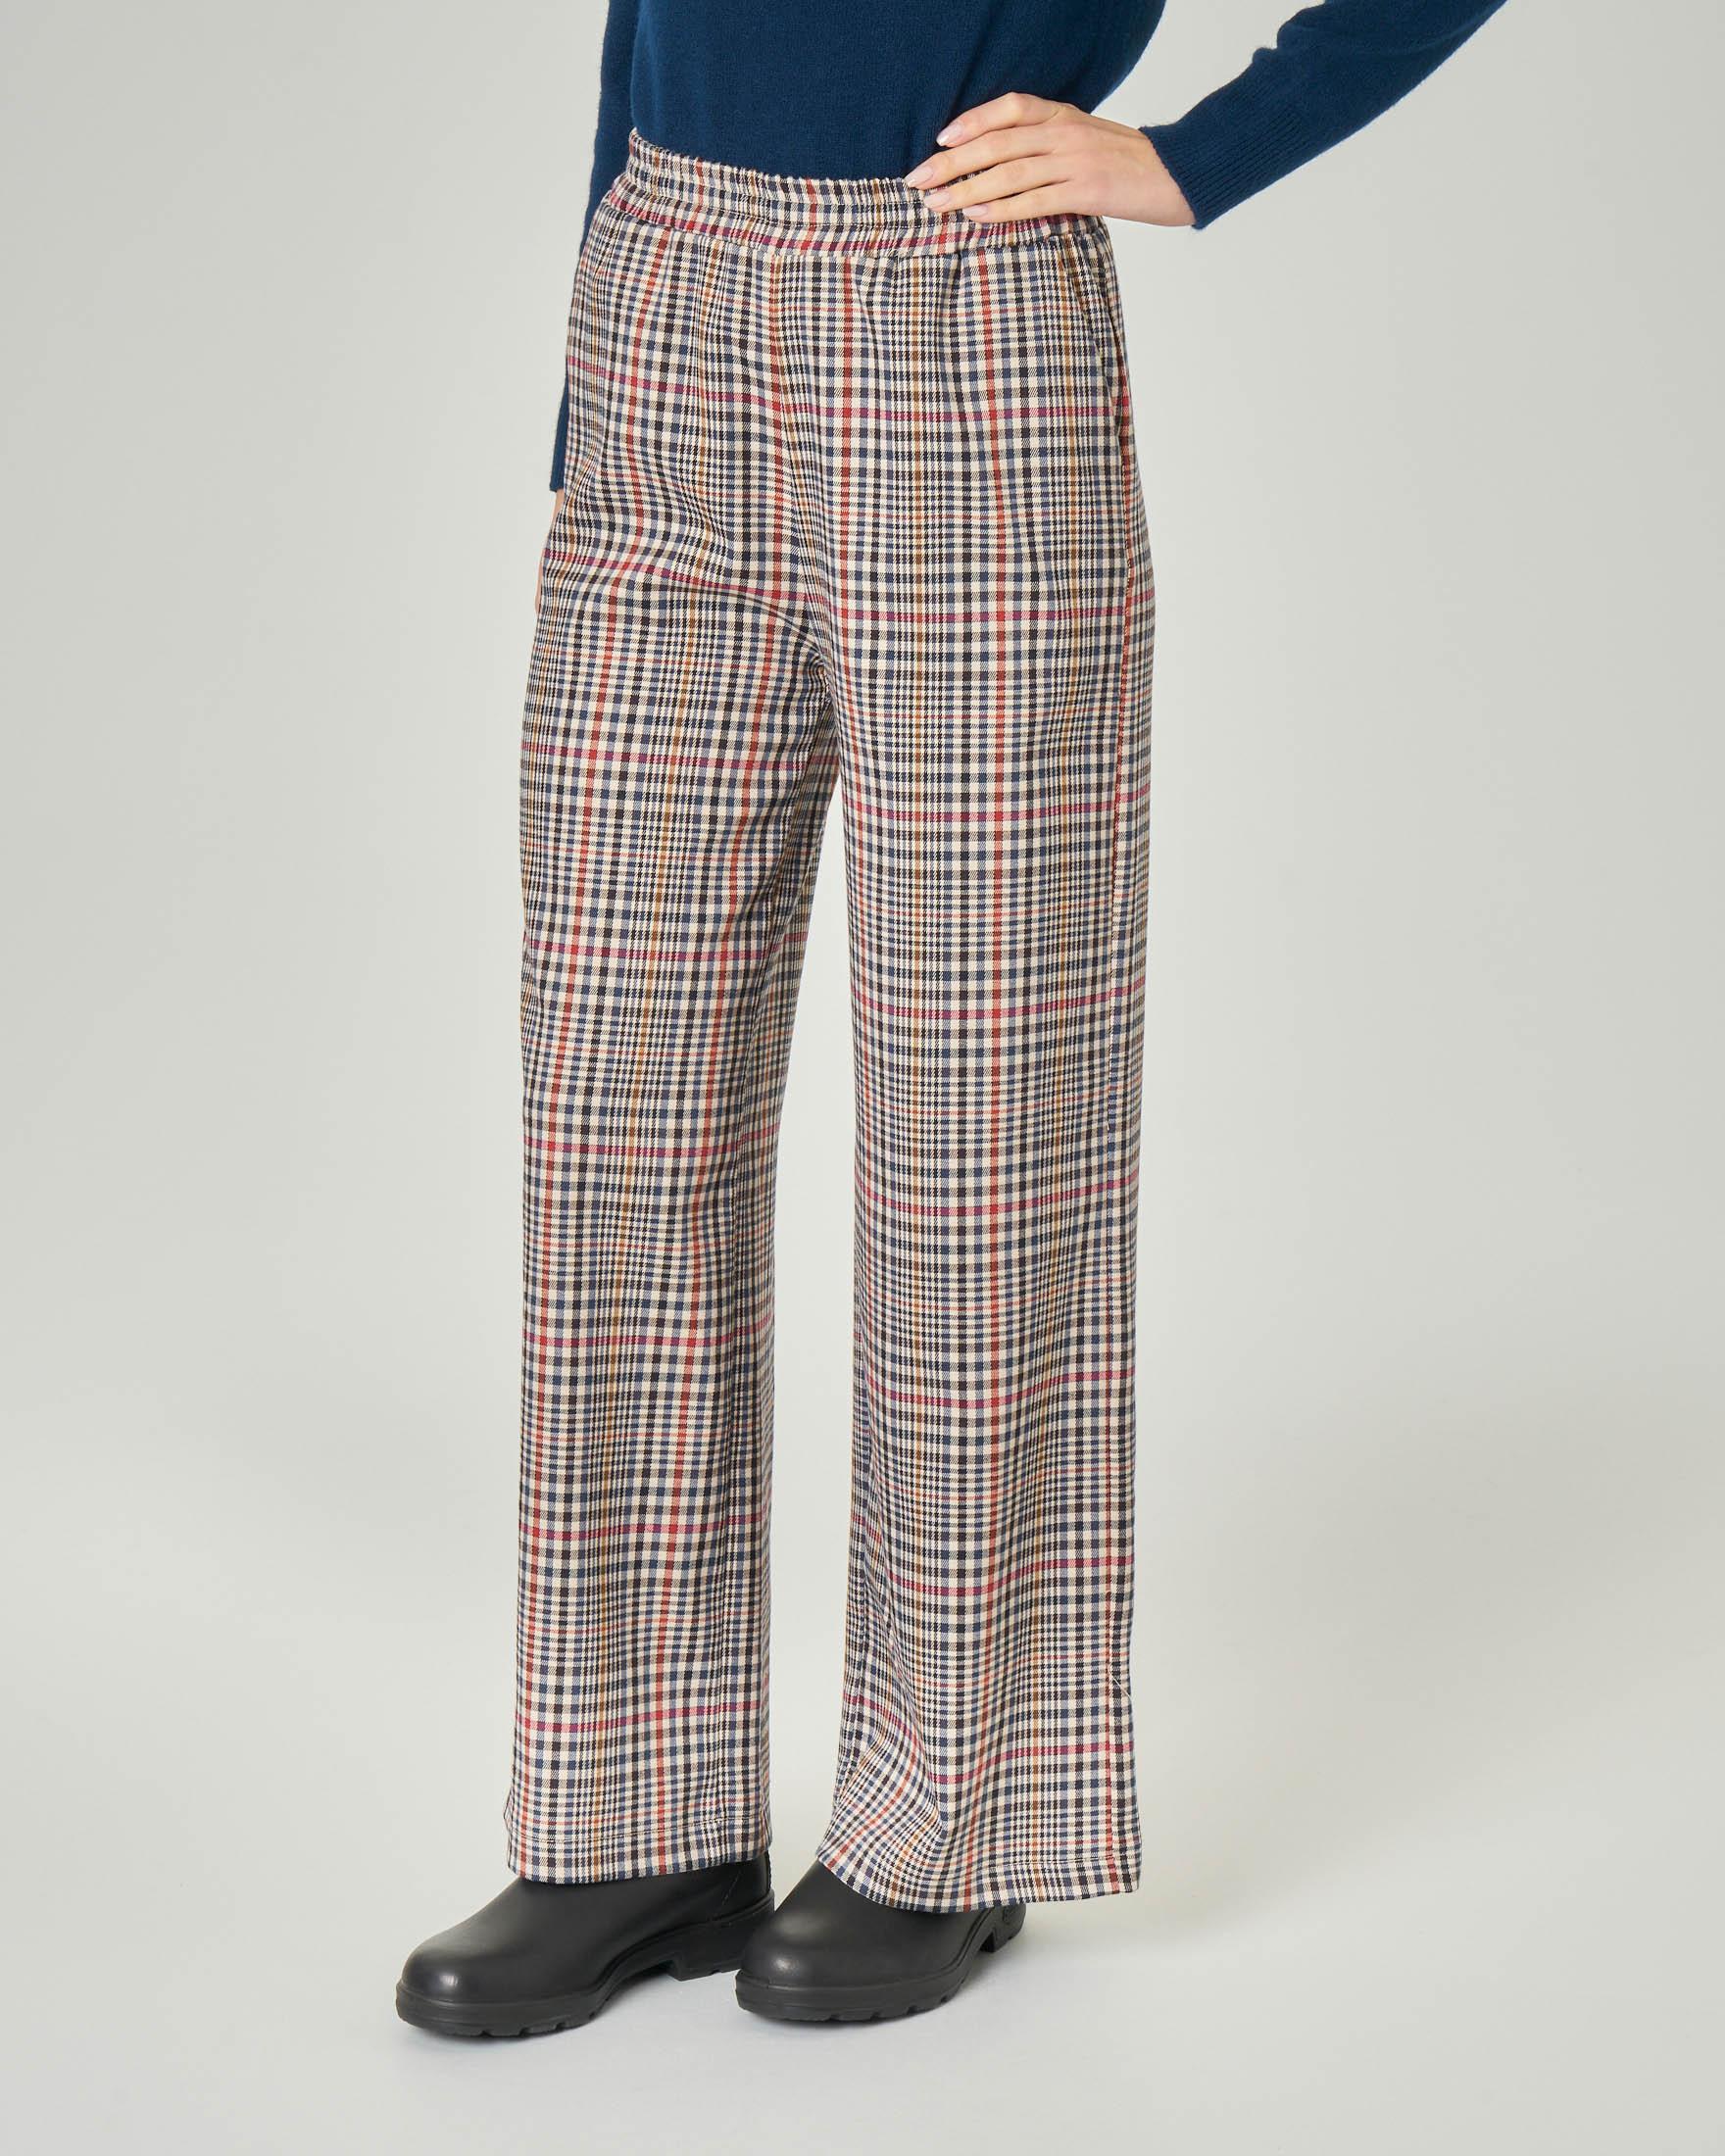 Pantaloni ampi fantasia club check multicolor con elastico in vita